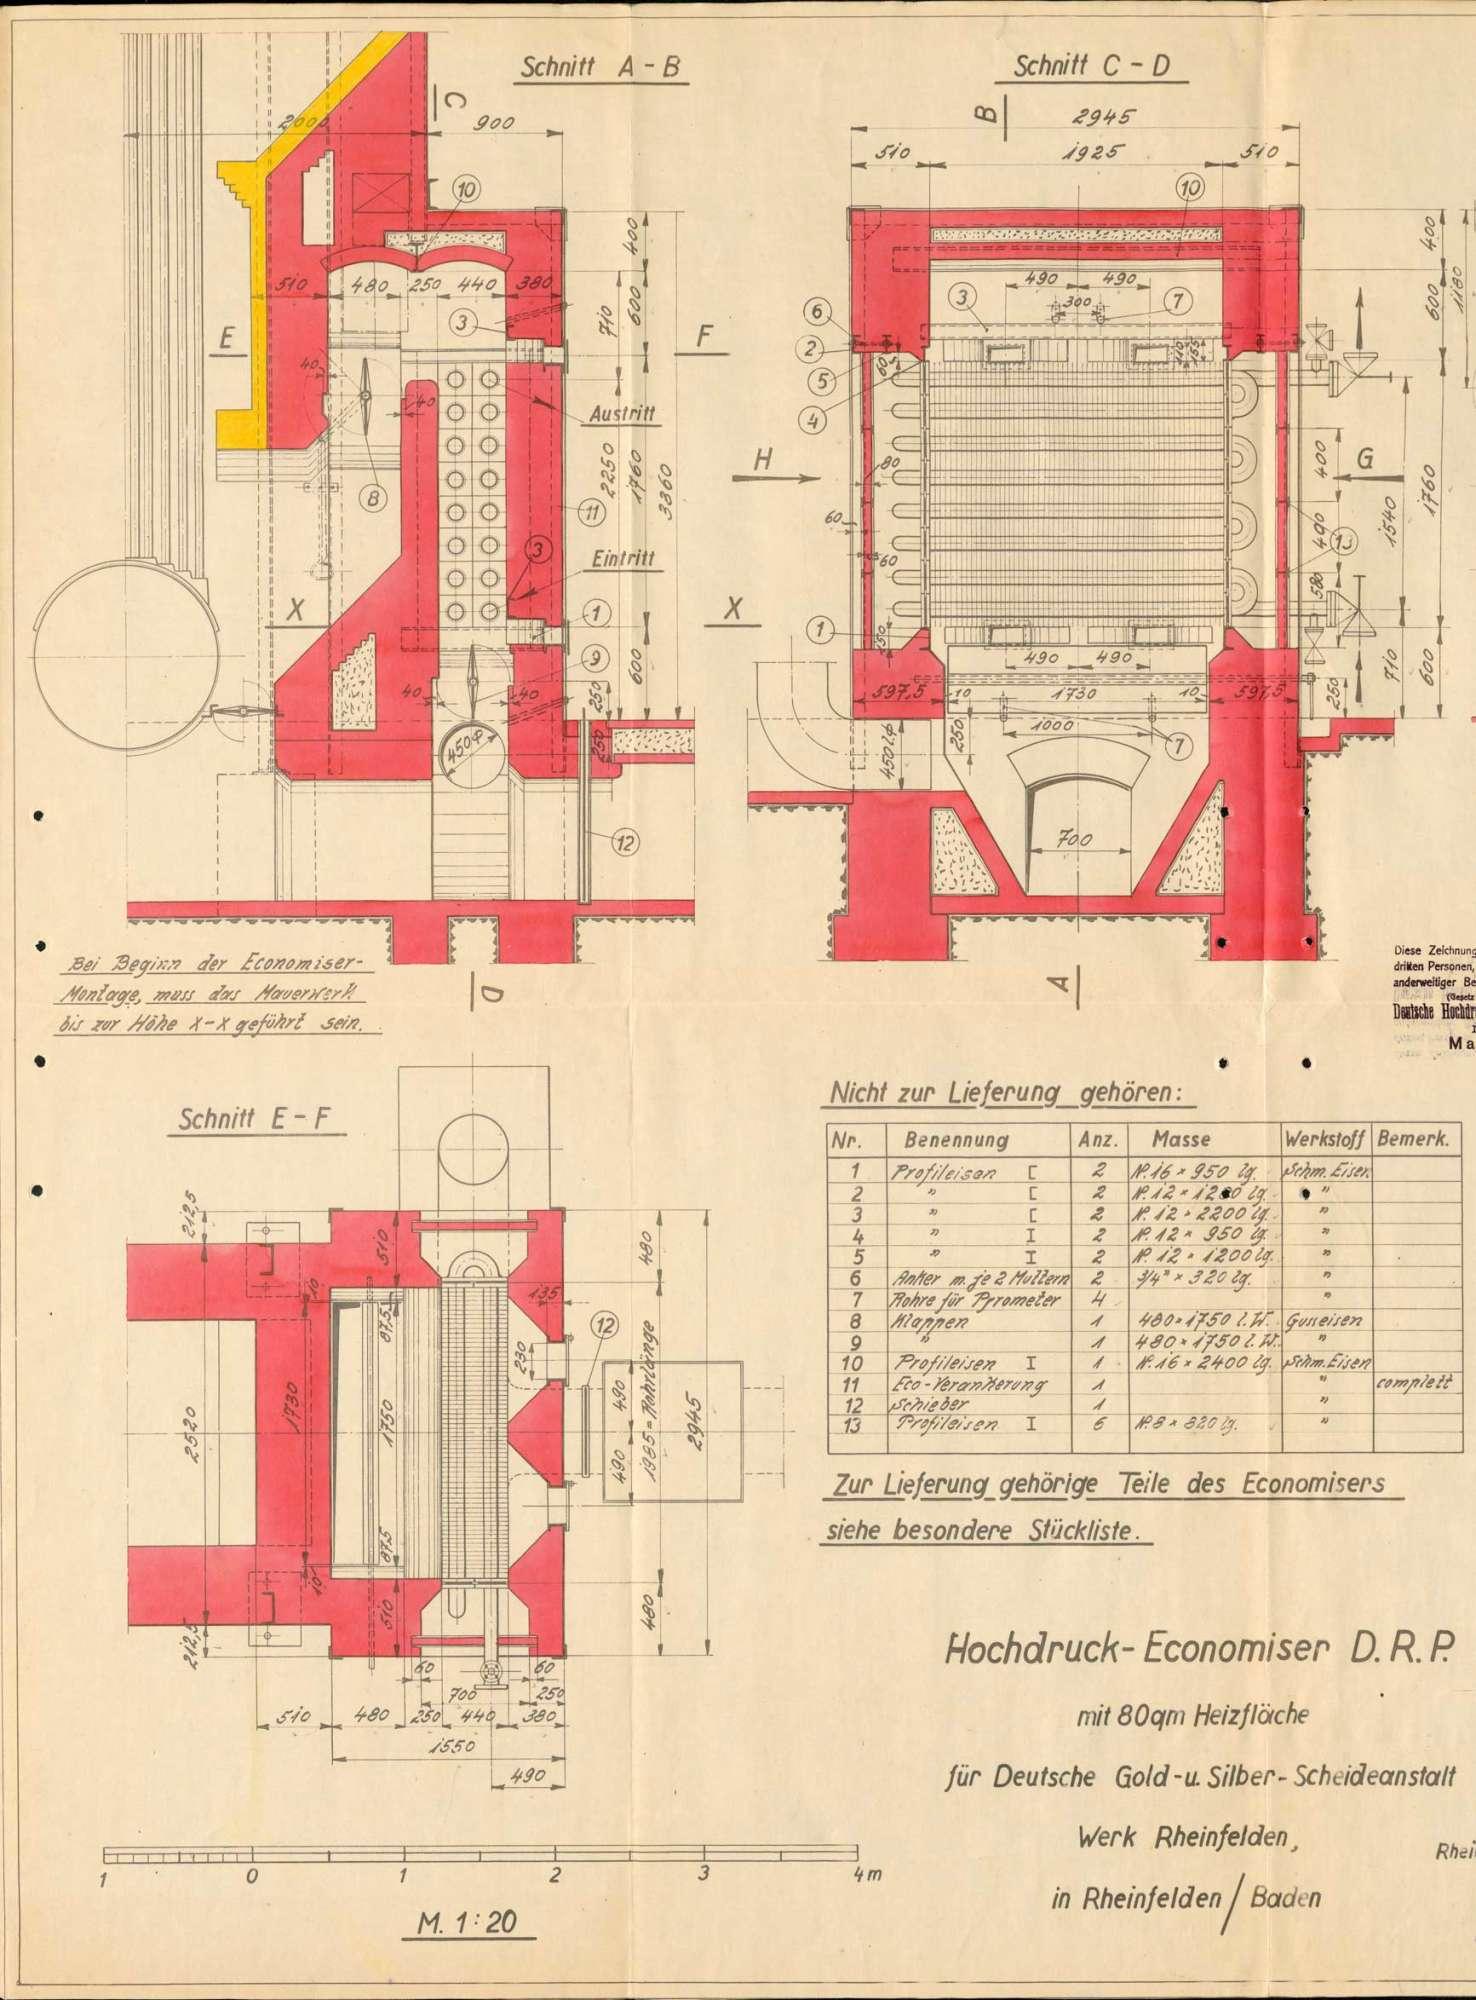 Dampfkessel der Firma Gold- und Silberscheideanstalt, vormals Rössler AG, in Badisch Rheinfelden bzw. Rheinfelden (Baden), Bild 3